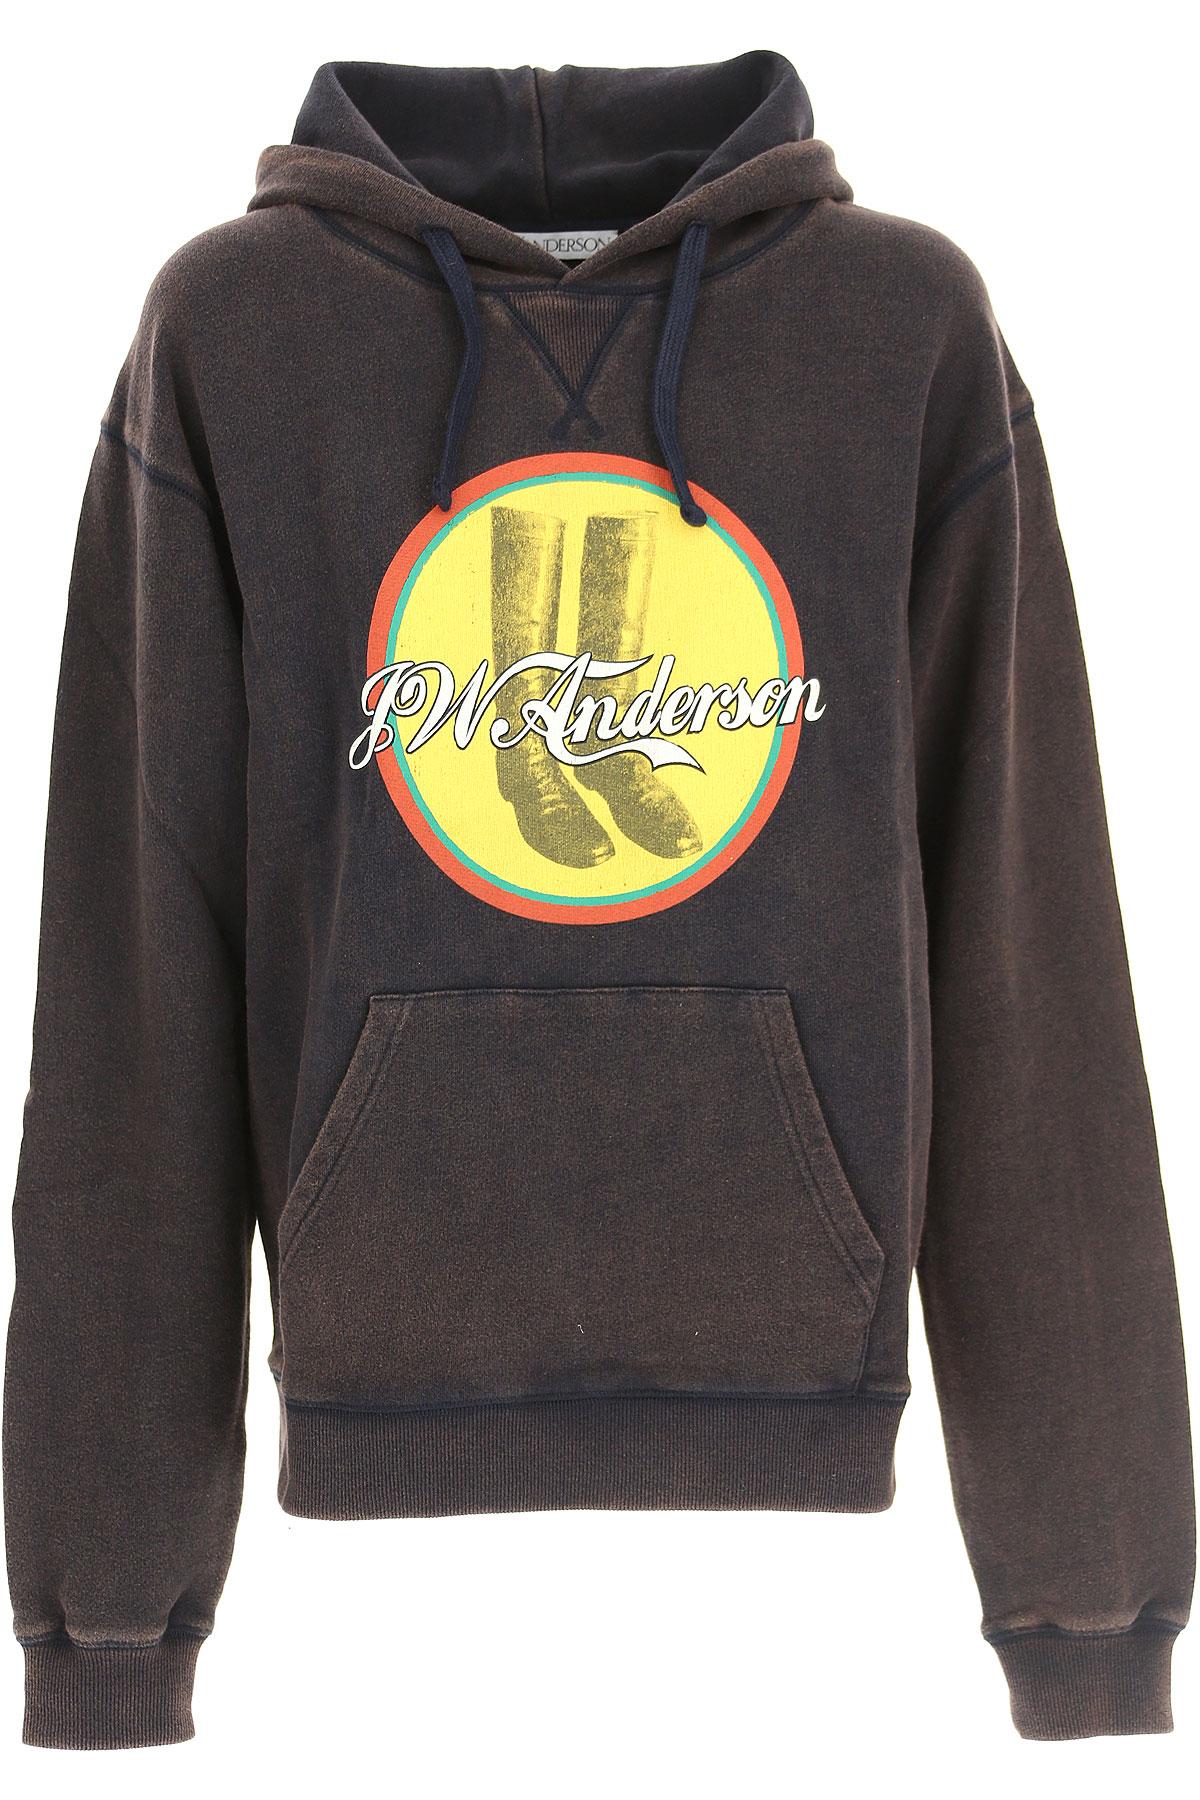 Image of J.W.Anderson Sweatshirt for Women, Ebony, Cotton, 2017, 2 4 6 8